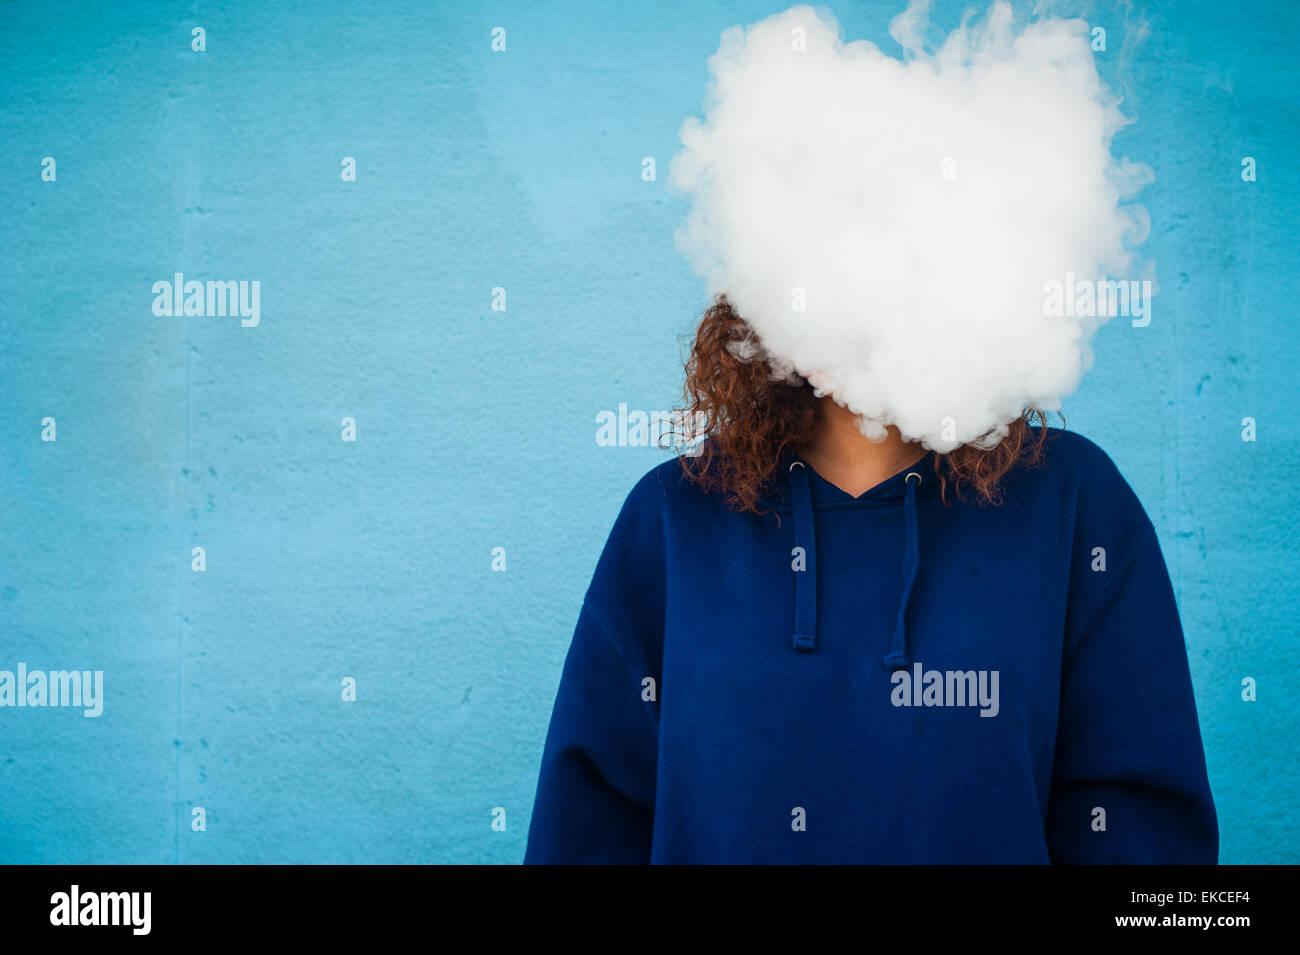 Junge Frau mit dem Kopf in einer Wolke aus Dampf Rauch Stockbild